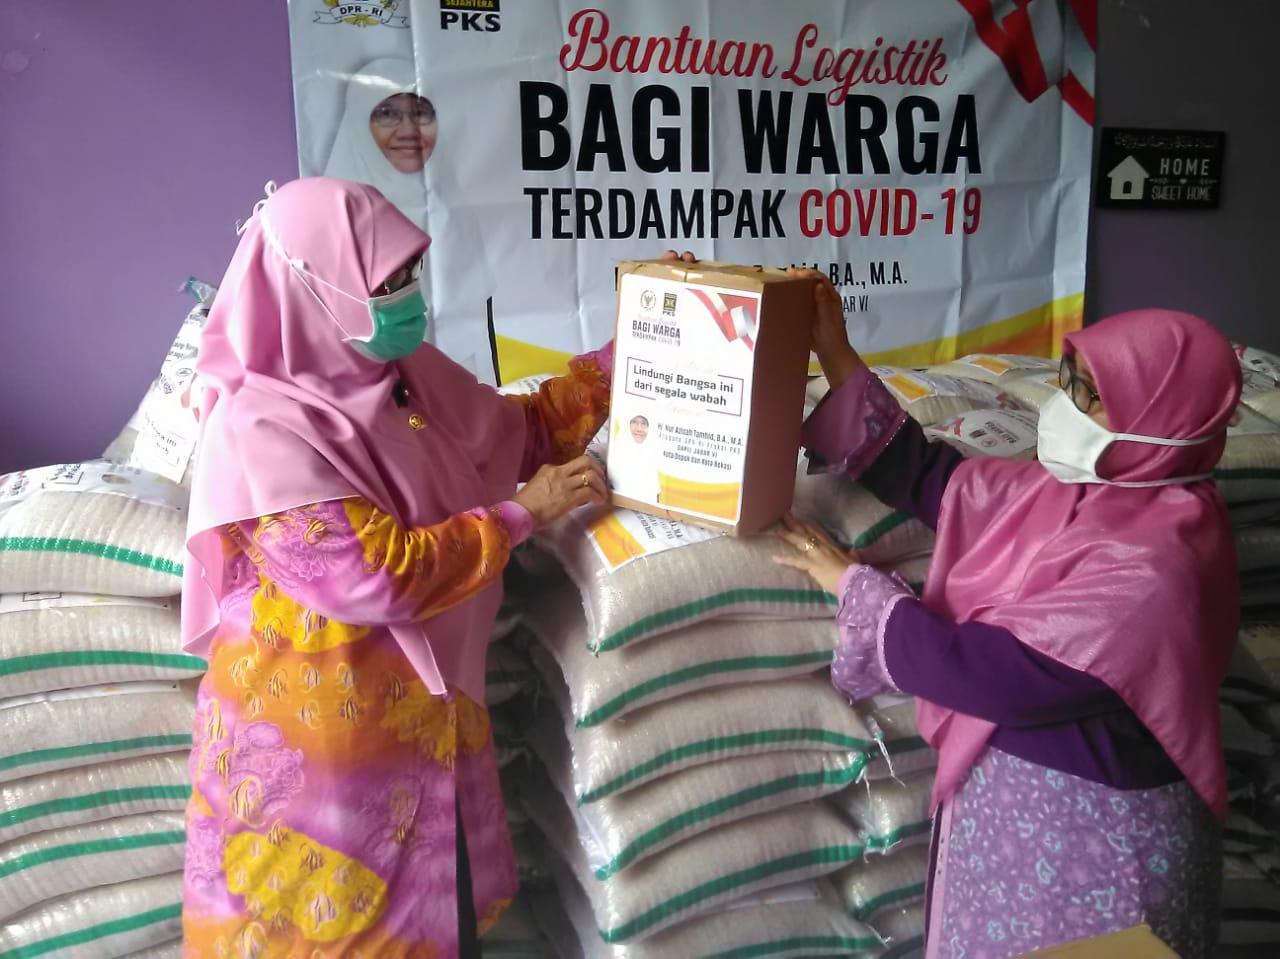 Nur Azizah Tamhid Distribusikan 10 Ton Beras & 1.000 Paket Sembako kepada Warga Terdampak Covid-19 BEKASIMEDIA.COM